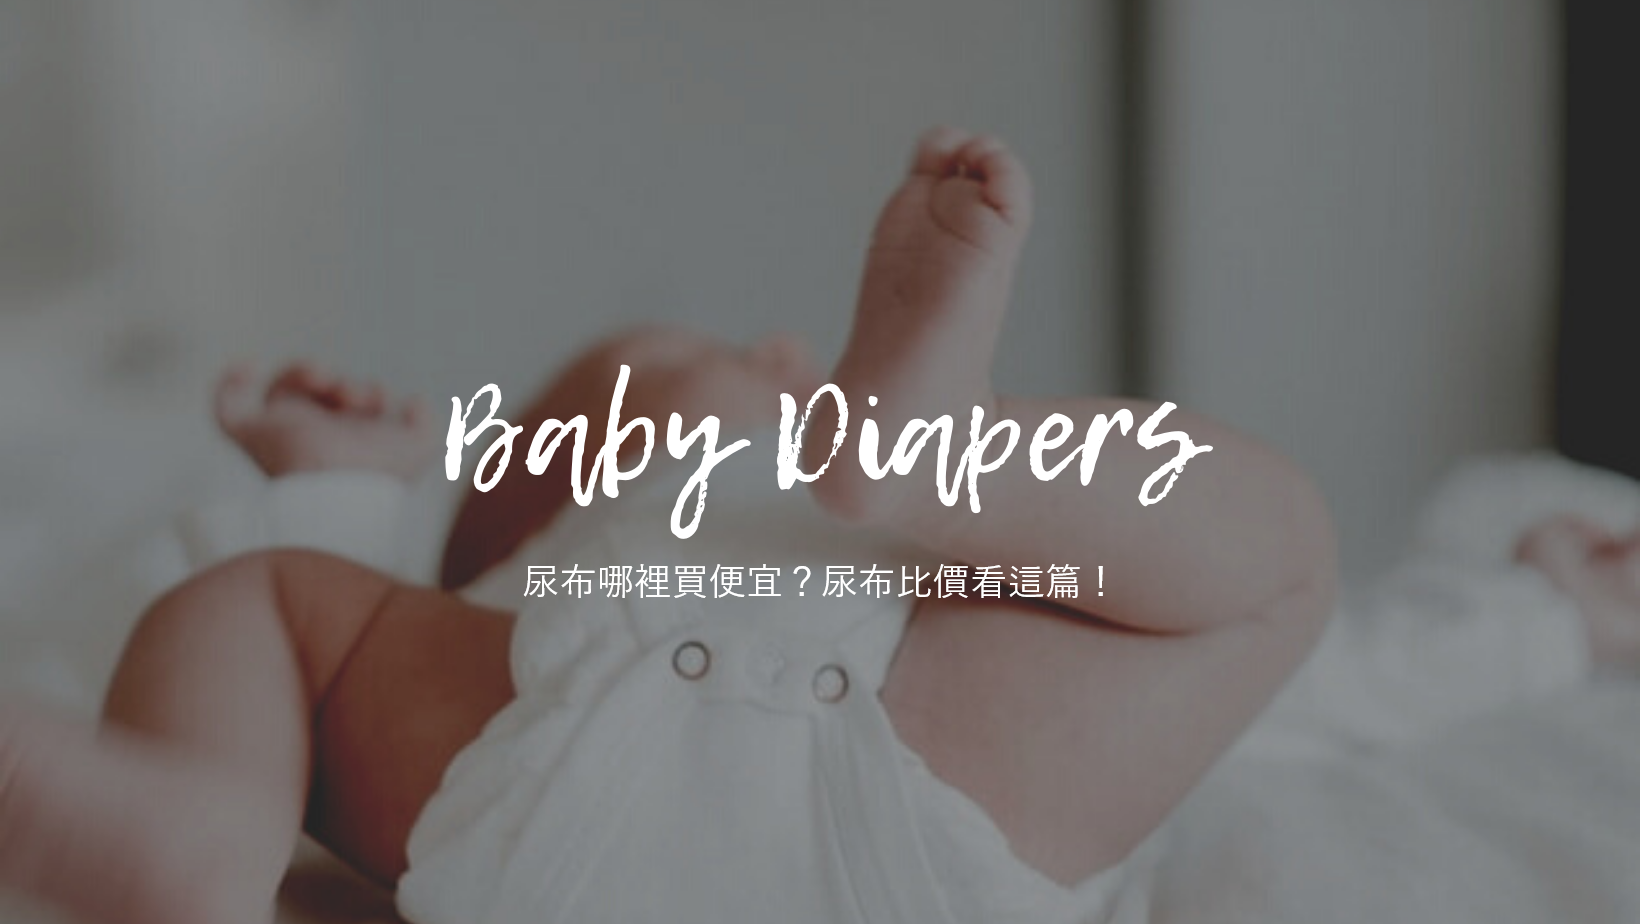 尿布哪裡買便宜?尿布比價看這篇!幫寶適/滿意寶寶/妙而舒尿布特價優惠在此!